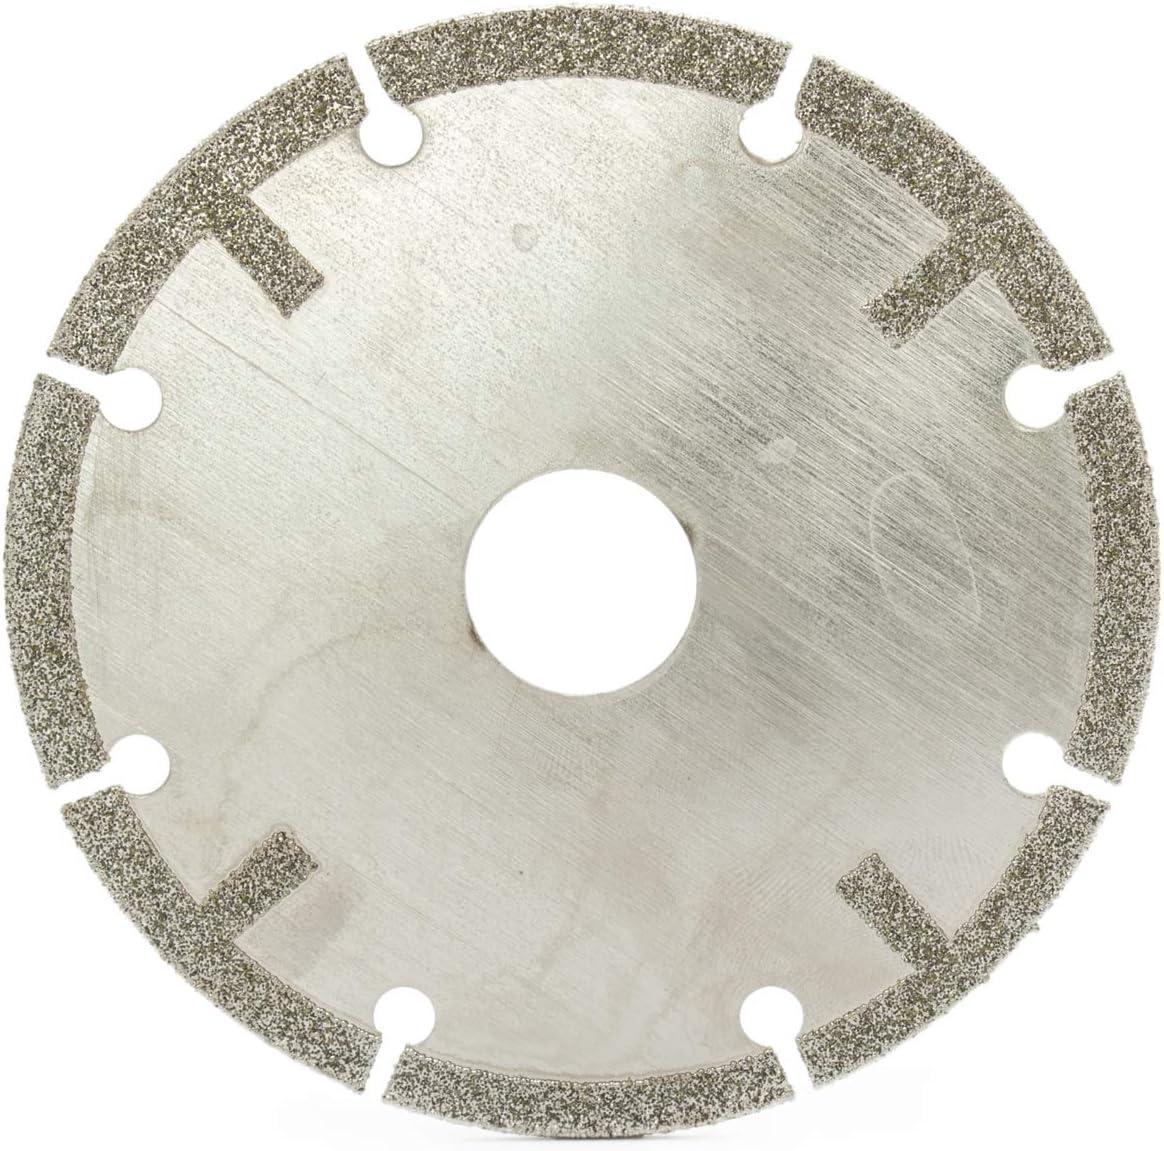 """METAL CUTTING DIAMOND BLADE 4.5/"""" Heavy Duty Angle Grinder Cut Saw Dry Cutting"""